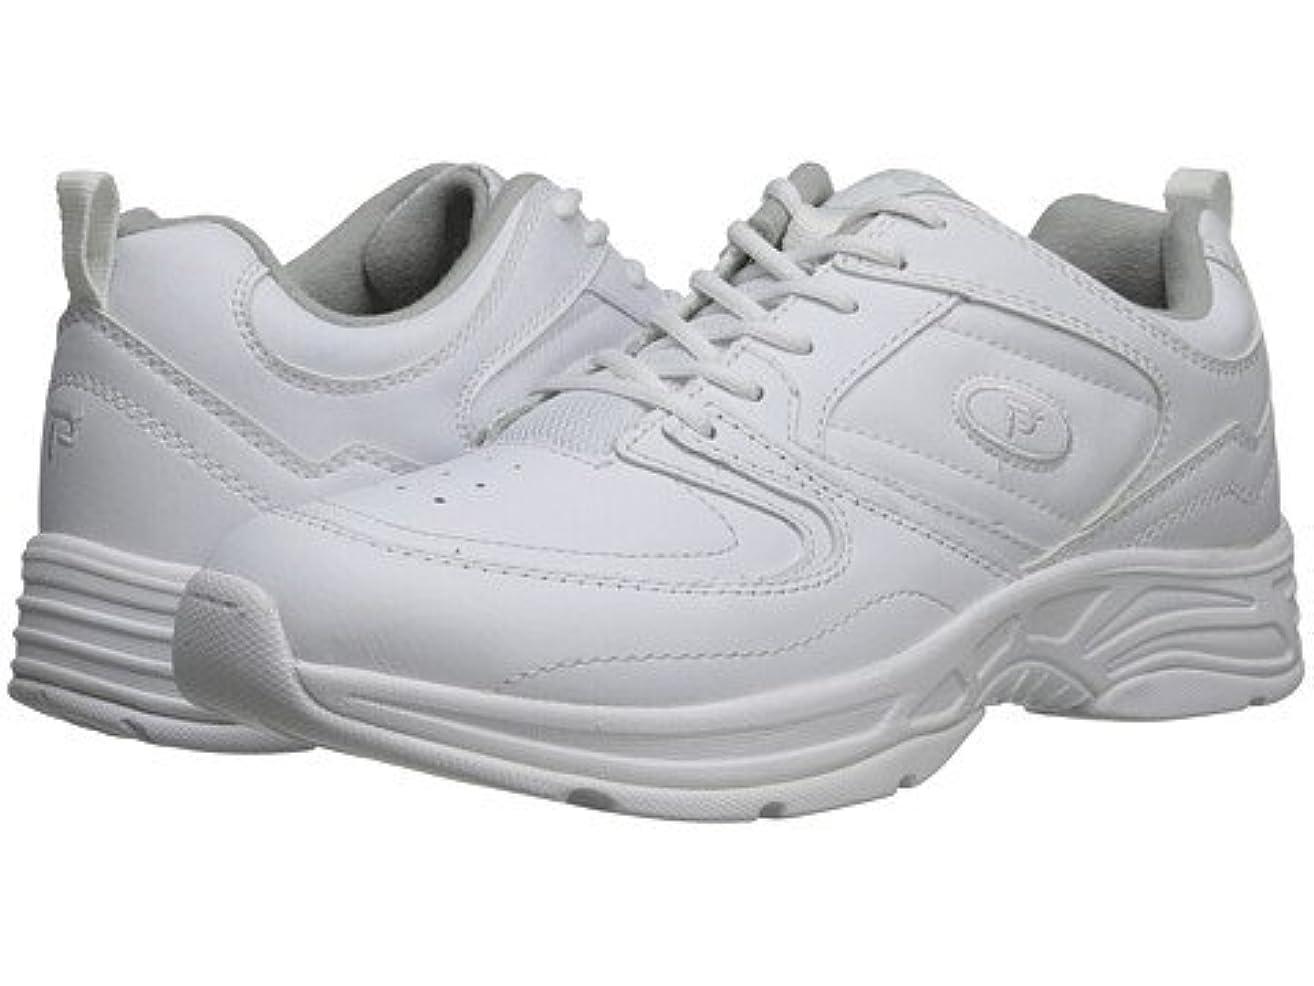 十分です仮定するバングラデシュ(プロペット) Propet レディースウォーキングシューズ?カジュアルスニーカー?靴 Eden White 9.5 26.5cm XX (4E) [並行輸入品]